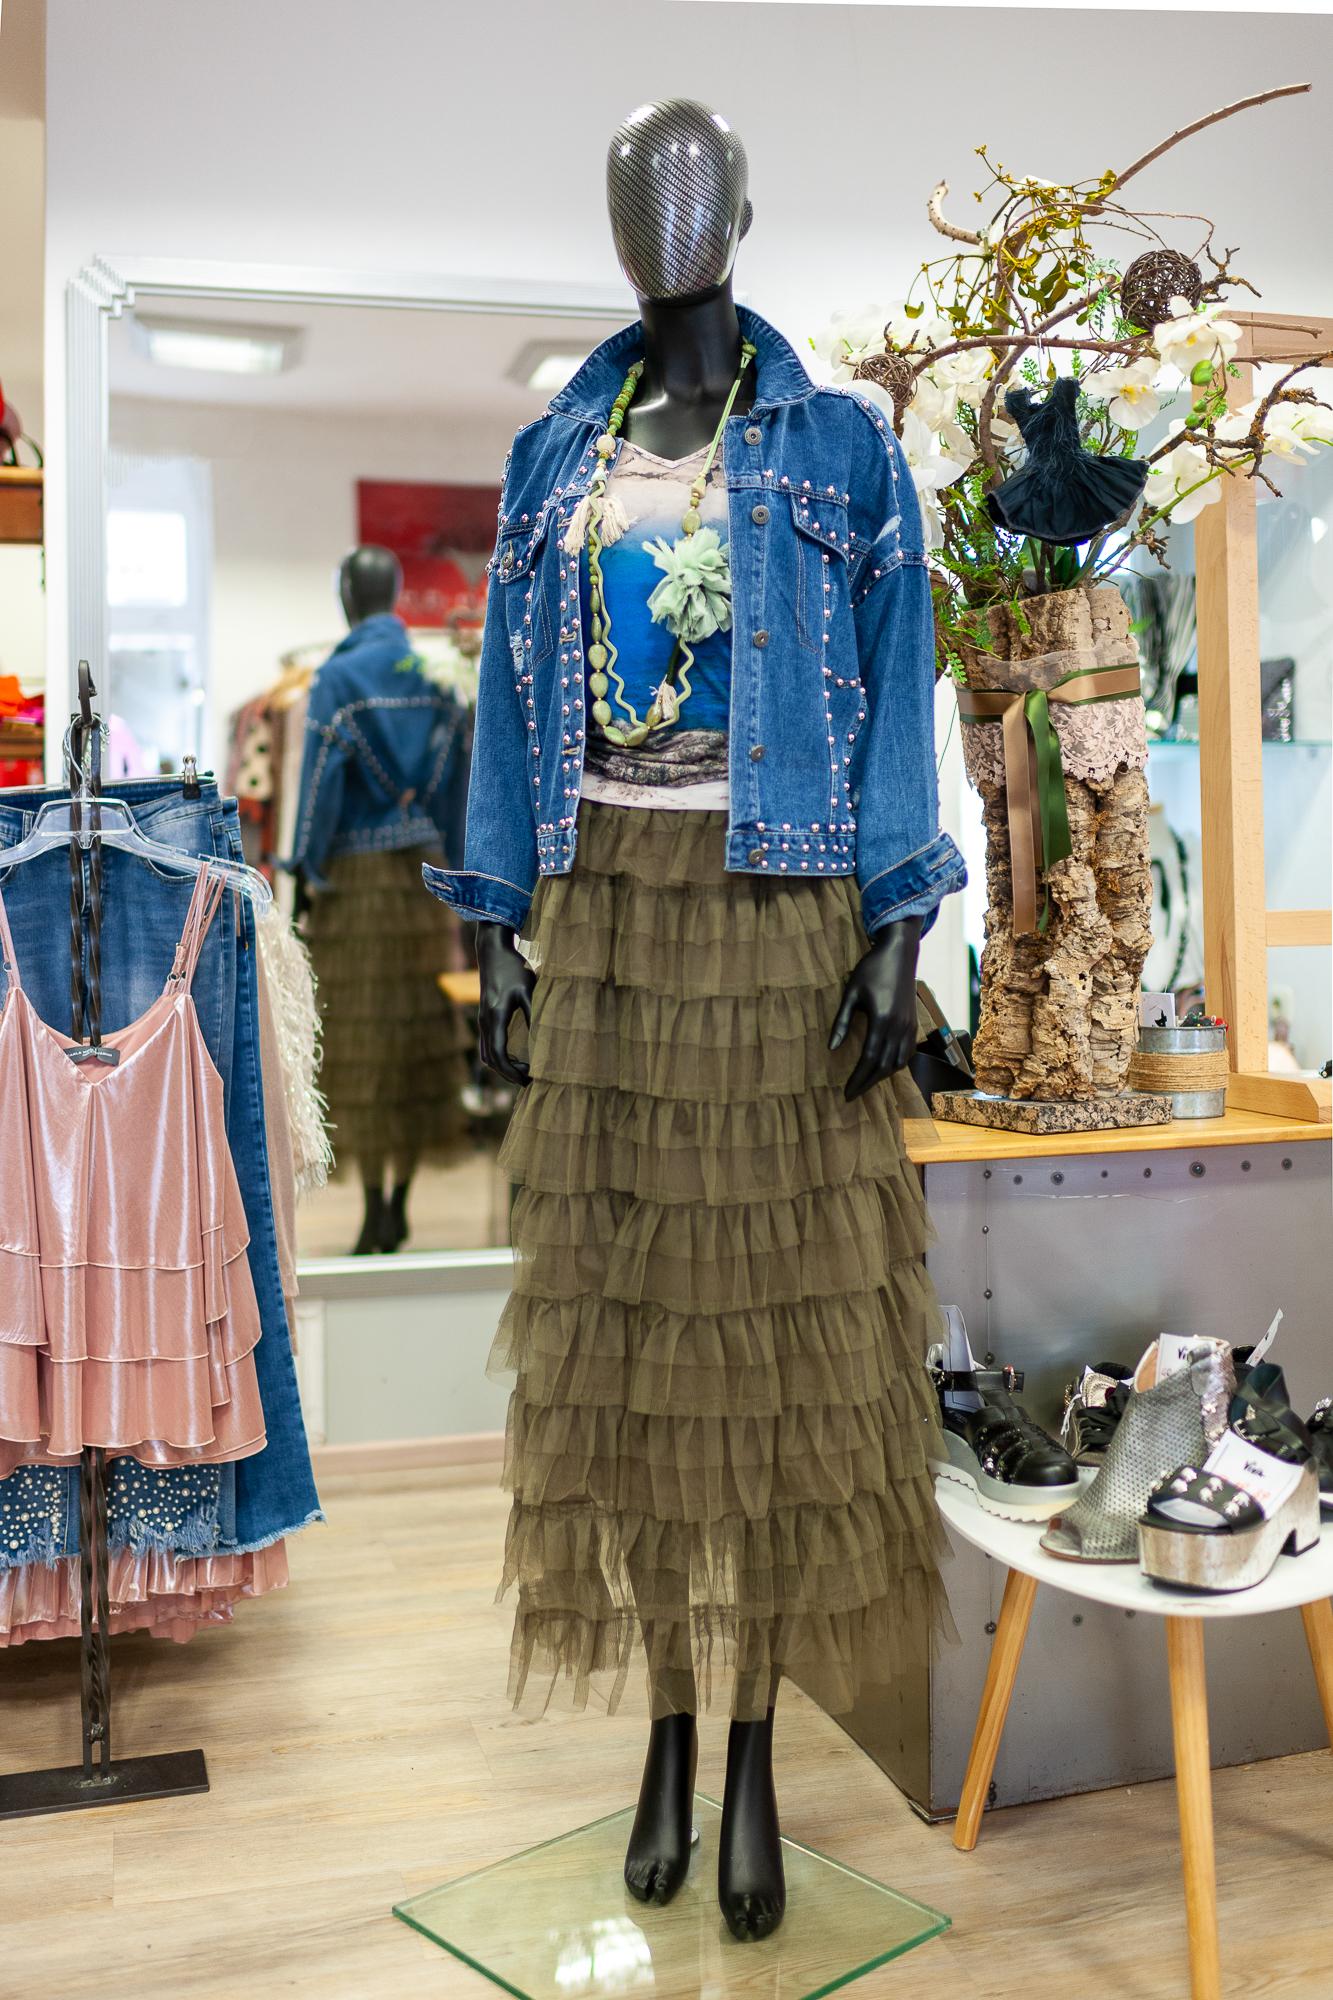 Viva_Shop_Innenaufnahme_DET9784